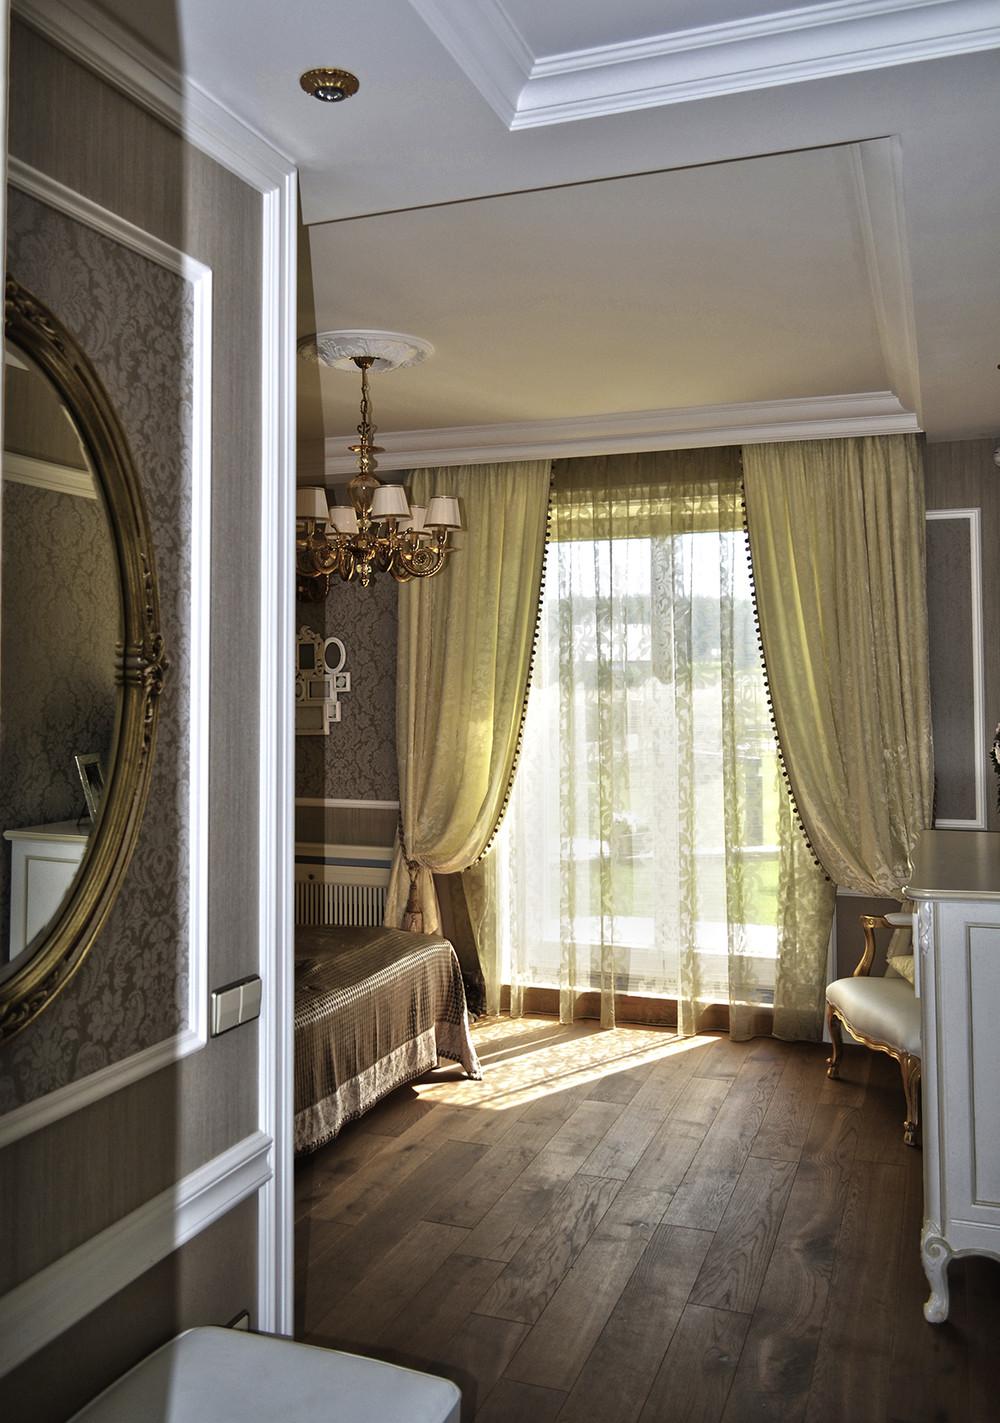 Загородный дом «Коттедж у леса», спальня, фото из проекта